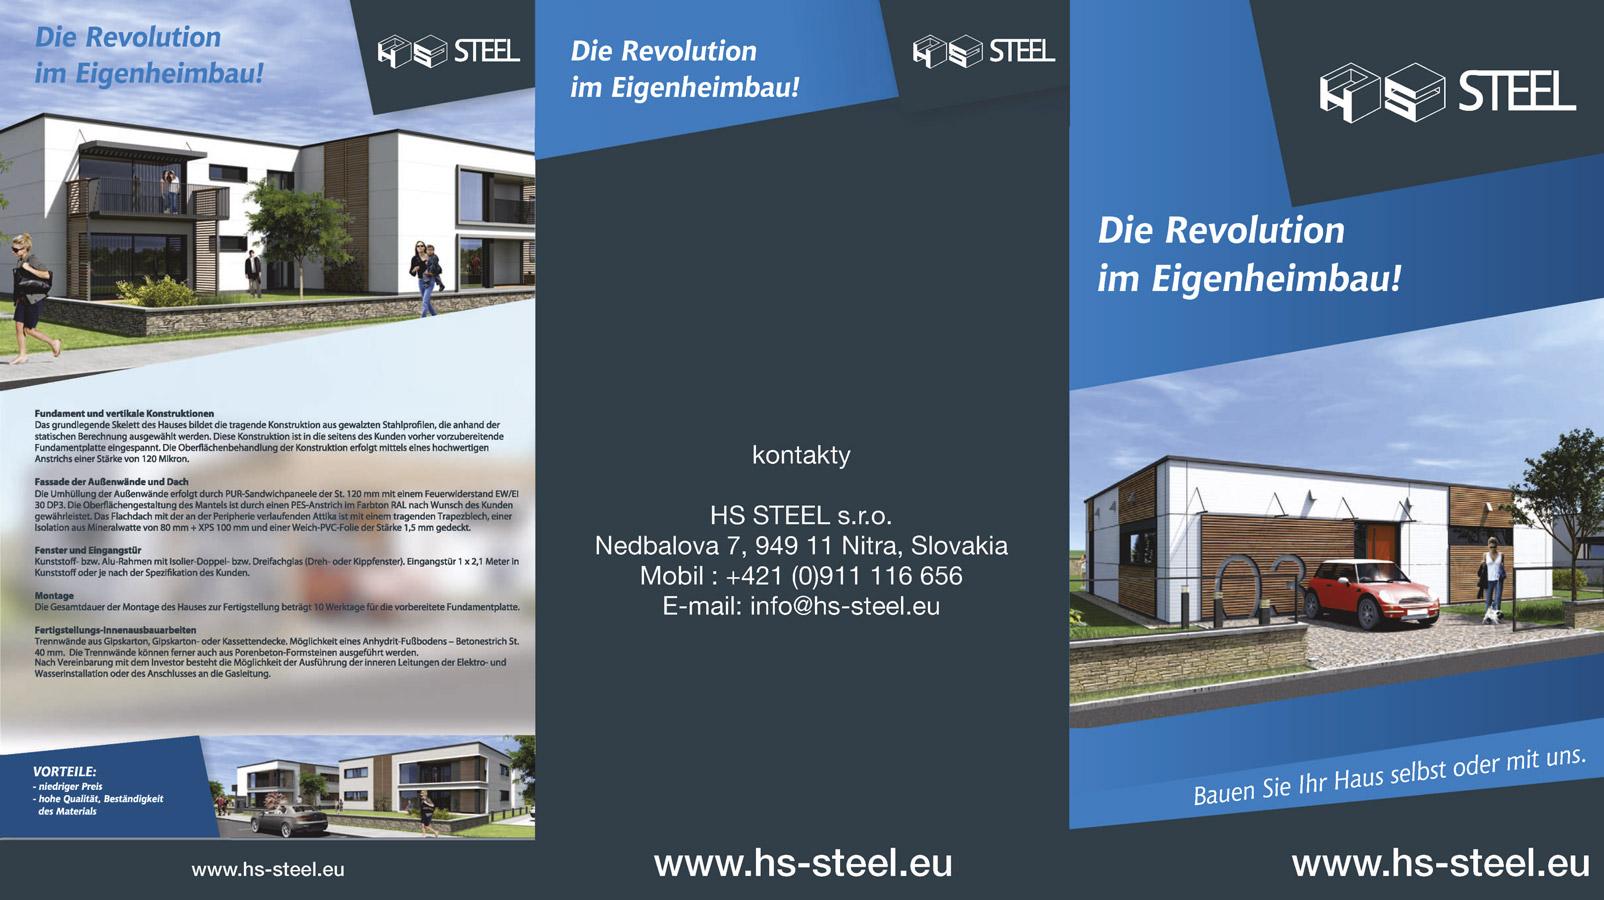 HS STEEL s.r.o. - Sandwichpaneele, Stahlkonstruktion, Z&C profil ...